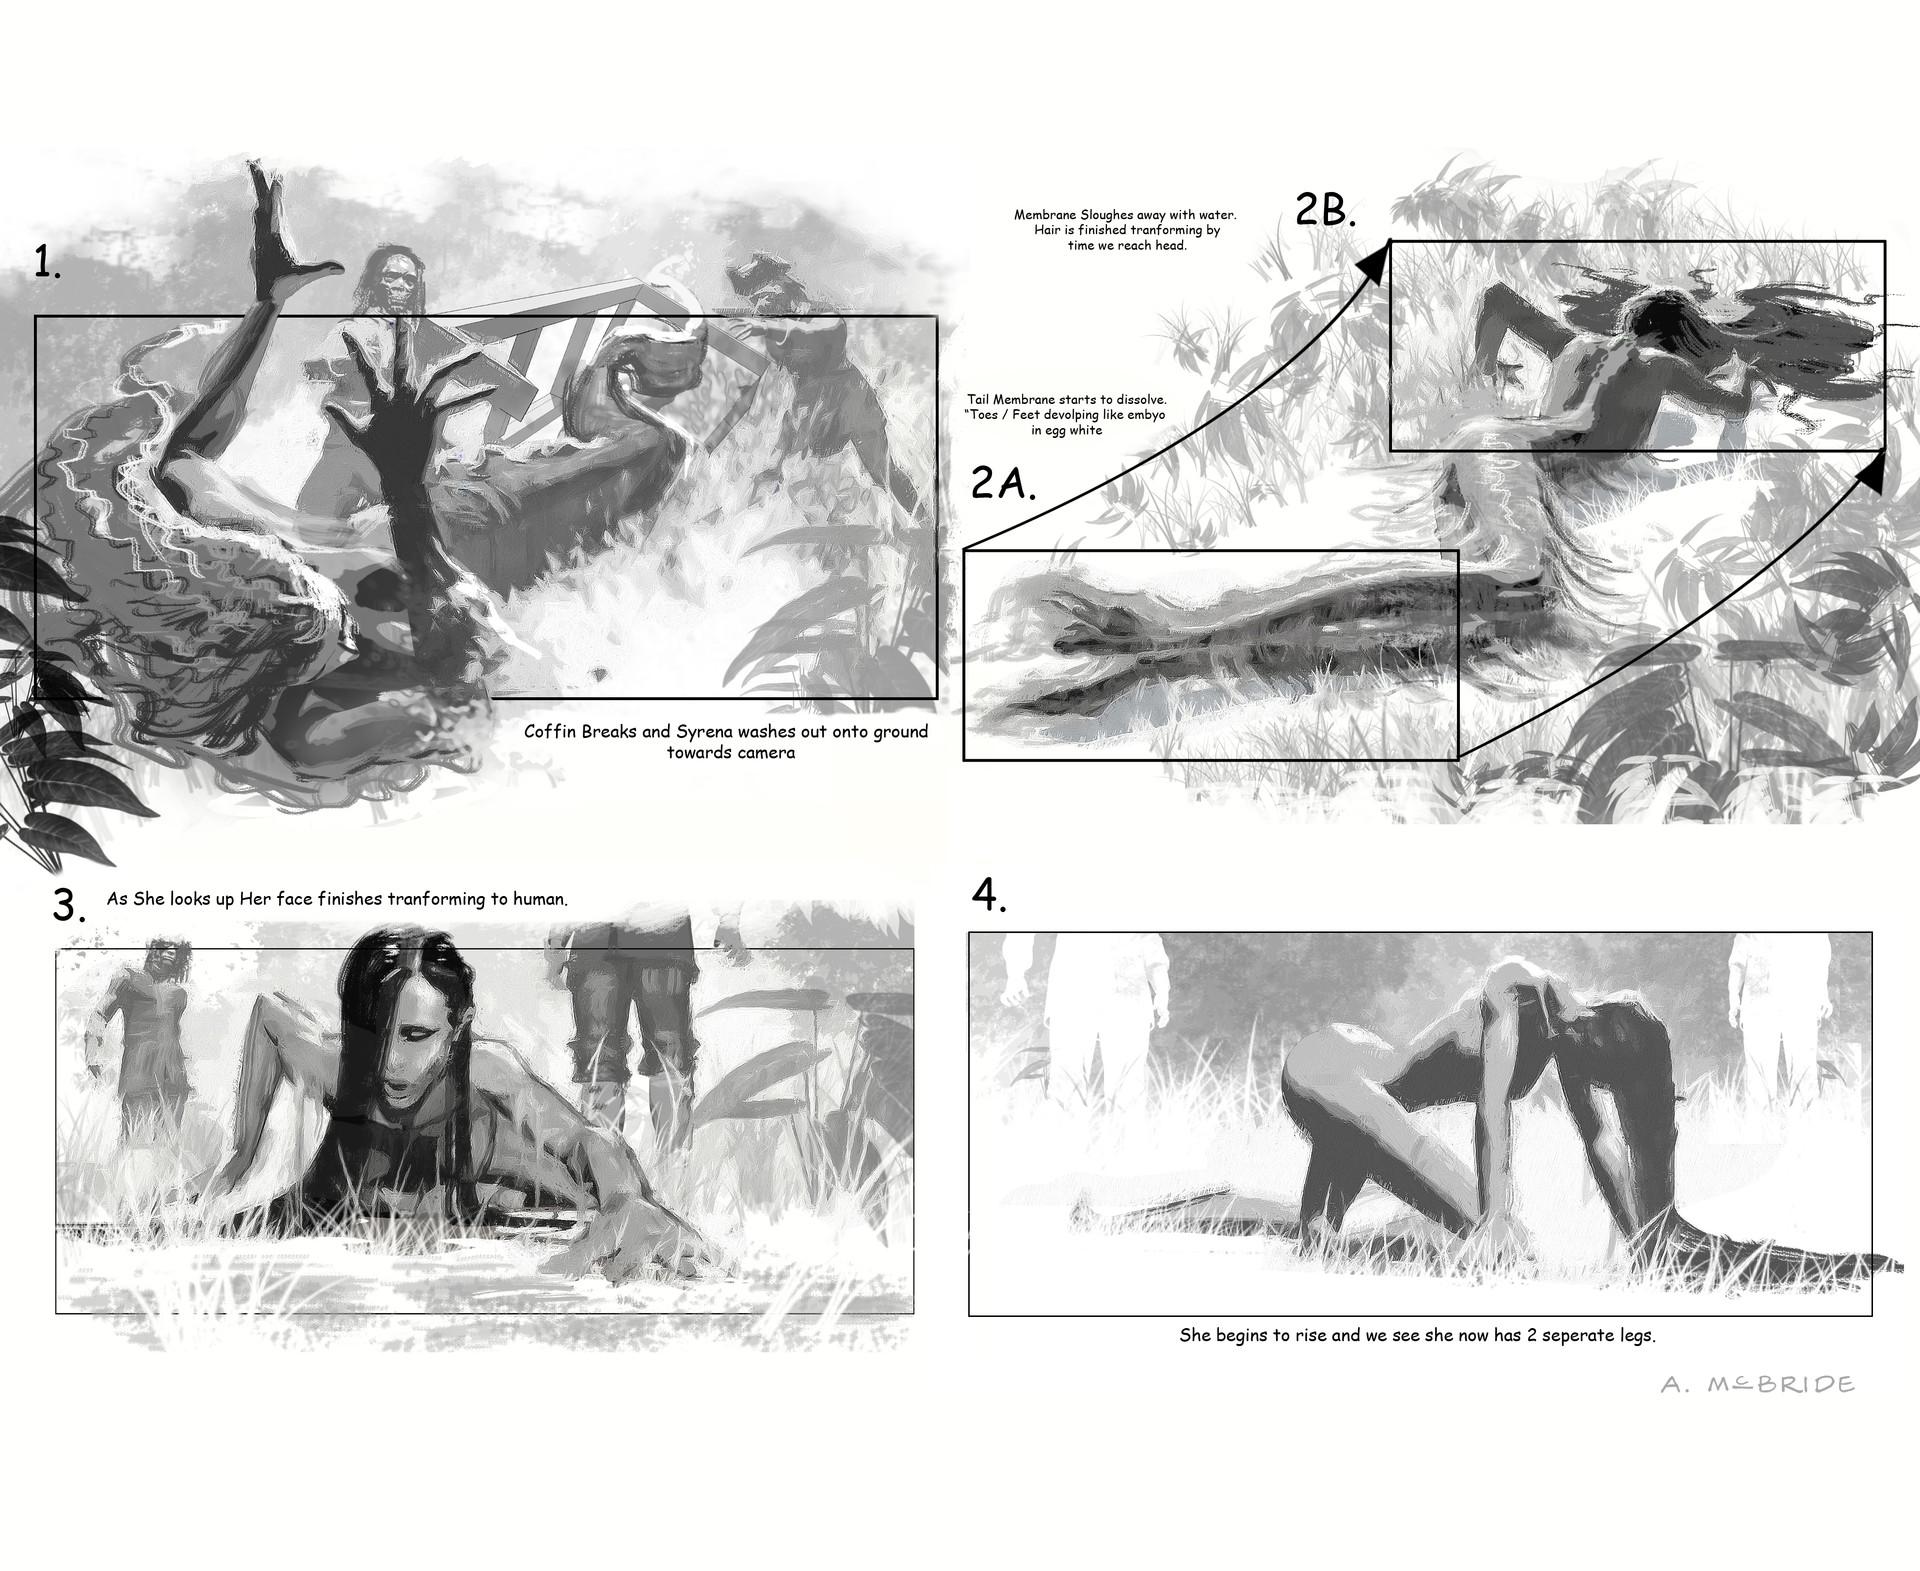 Aaron mcbride mermaid transform storyboards